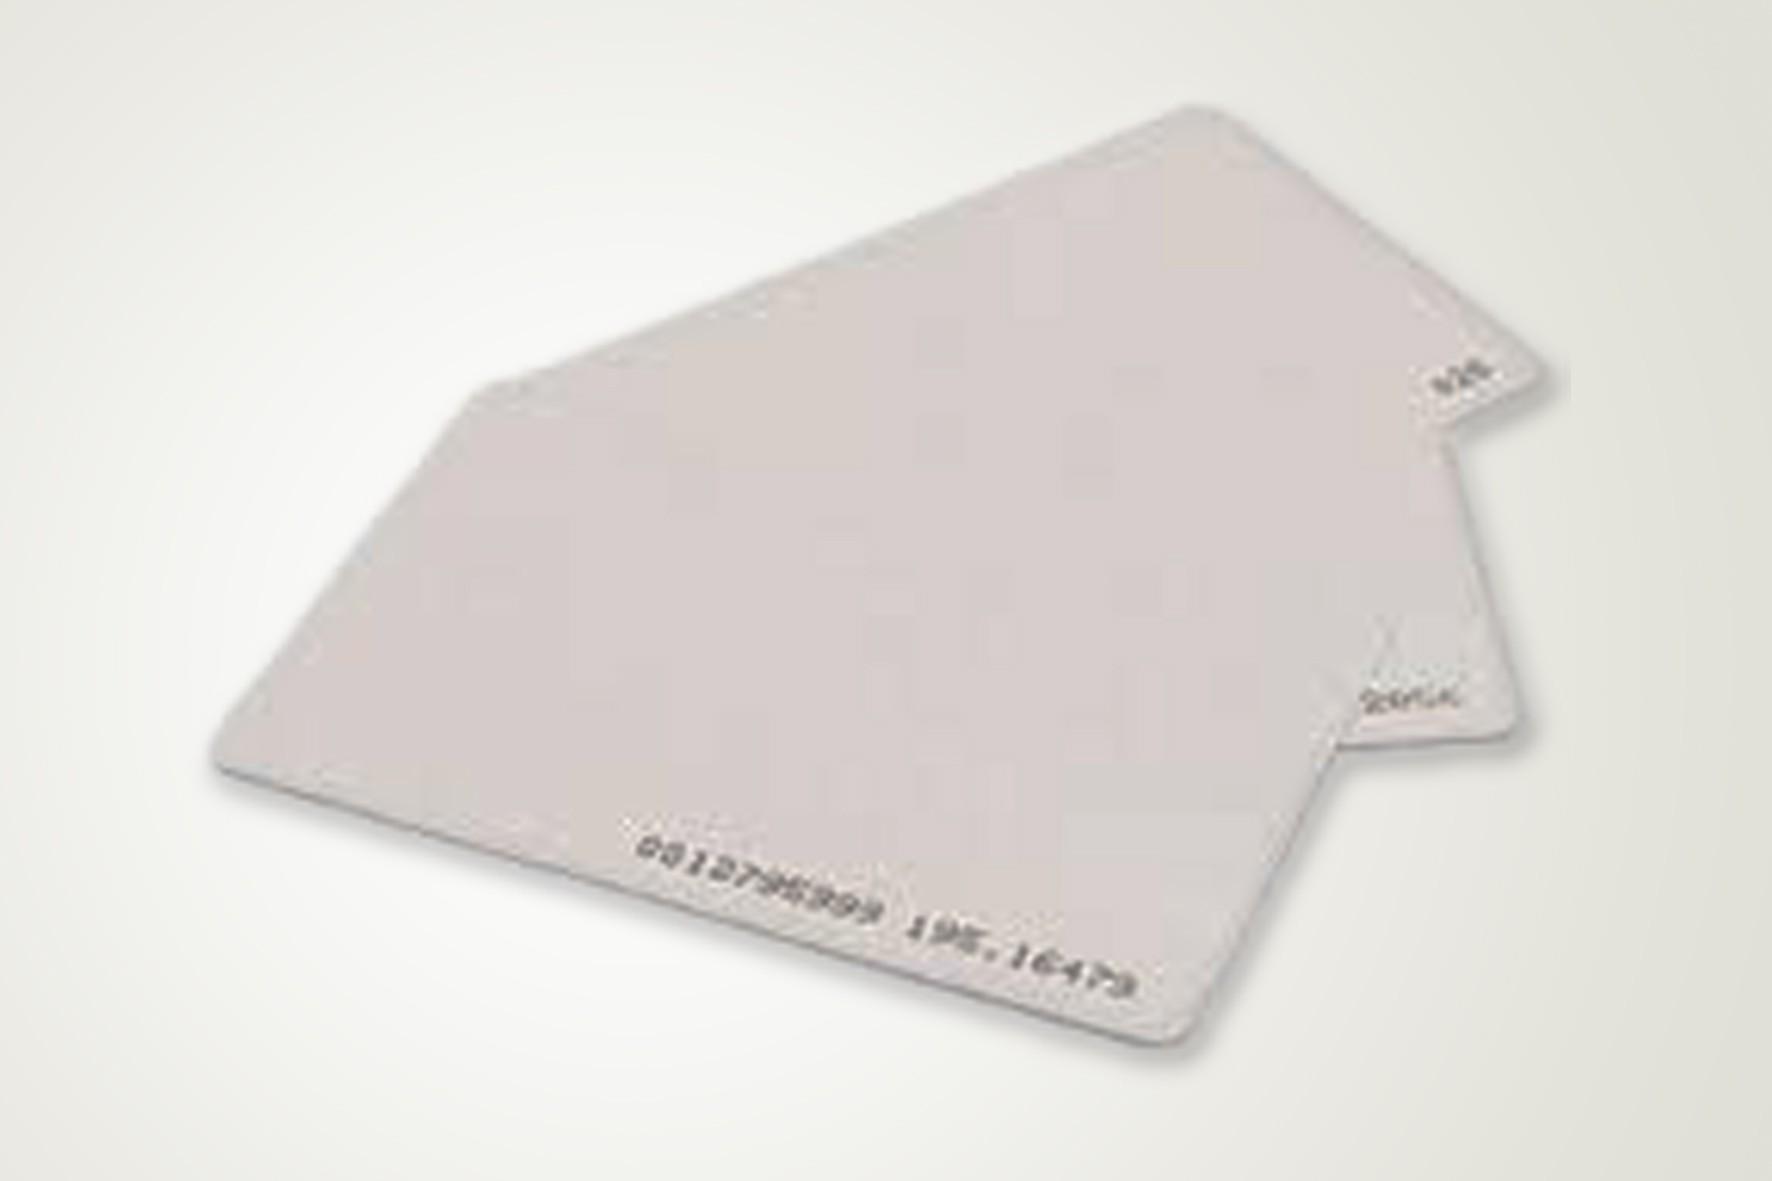 Cartões com Chip de Proximidade no Limão - Carteirinha de Sócio